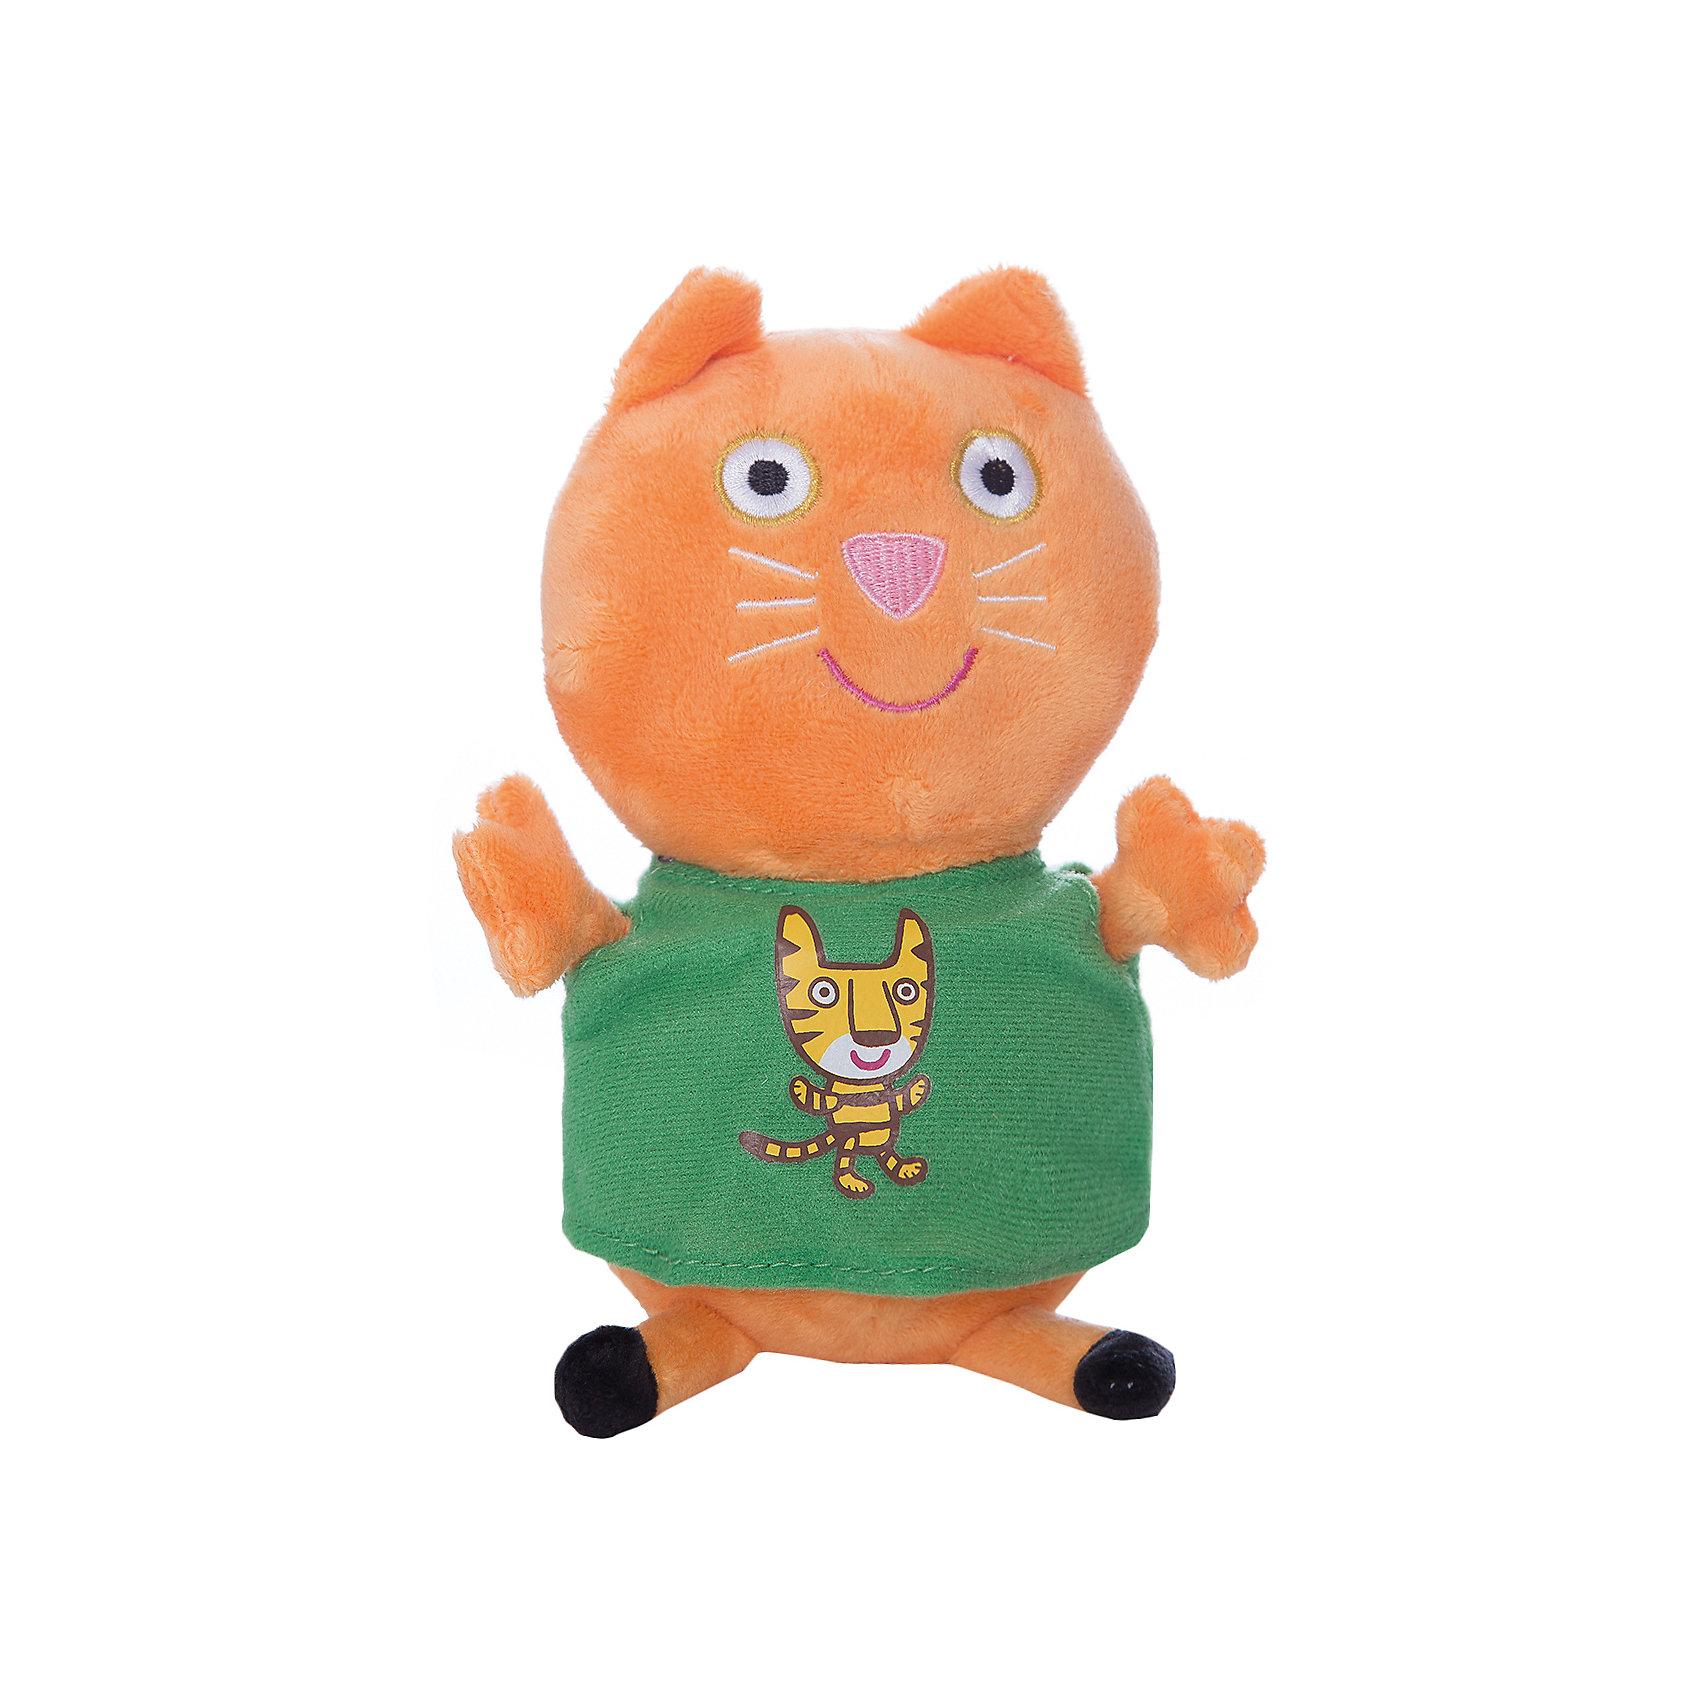 Мягкая игрушка Кенди с тигром, 20 см, Свинка ПеппаКенди с тигром, Свинка Пеппа - чудесная мягкая игрушка, которая обязательно порадует Вашего малыша. Кошечка Кенди - очаровательная подружка свинки Пеппы из популярного детского мультсериала Peppa Pig, игрушка выполнена из мягкой и нежной велюровой ткани и очень похожа на свой оригинал из мультика. Глазки, носик и ротик Кенди выполнены в виде плотной вышивки, а ее зеленое платьице украшено яркой аппликацией в виде тигренка. Собрав вместе других персонажей из серии Peppa Pig можно придумать множество веселых игр, которые будут развивать воображение и навыки общения.<br><br>Дополнительная информация:<br><br>- Материал: велюр, гипоалергенный наполнитель.<br>- Высота игрушки: 20 см.<br>- Размер упаковки: 9 x 8 x 20 см. <br>- Вес: 60 гр.<br><br>Мягкую игрушку Кенди с тигром, 20 см., Свинка Пеппа, можно купить в нашем интернет-магазине.<br><br>Ширина мм: 90<br>Глубина мм: 80<br>Высота мм: 200<br>Вес г: 60<br>Возраст от месяцев: 36<br>Возраст до месяцев: 72<br>Пол: Унисекс<br>Возраст: Детский<br>SKU: 4330044